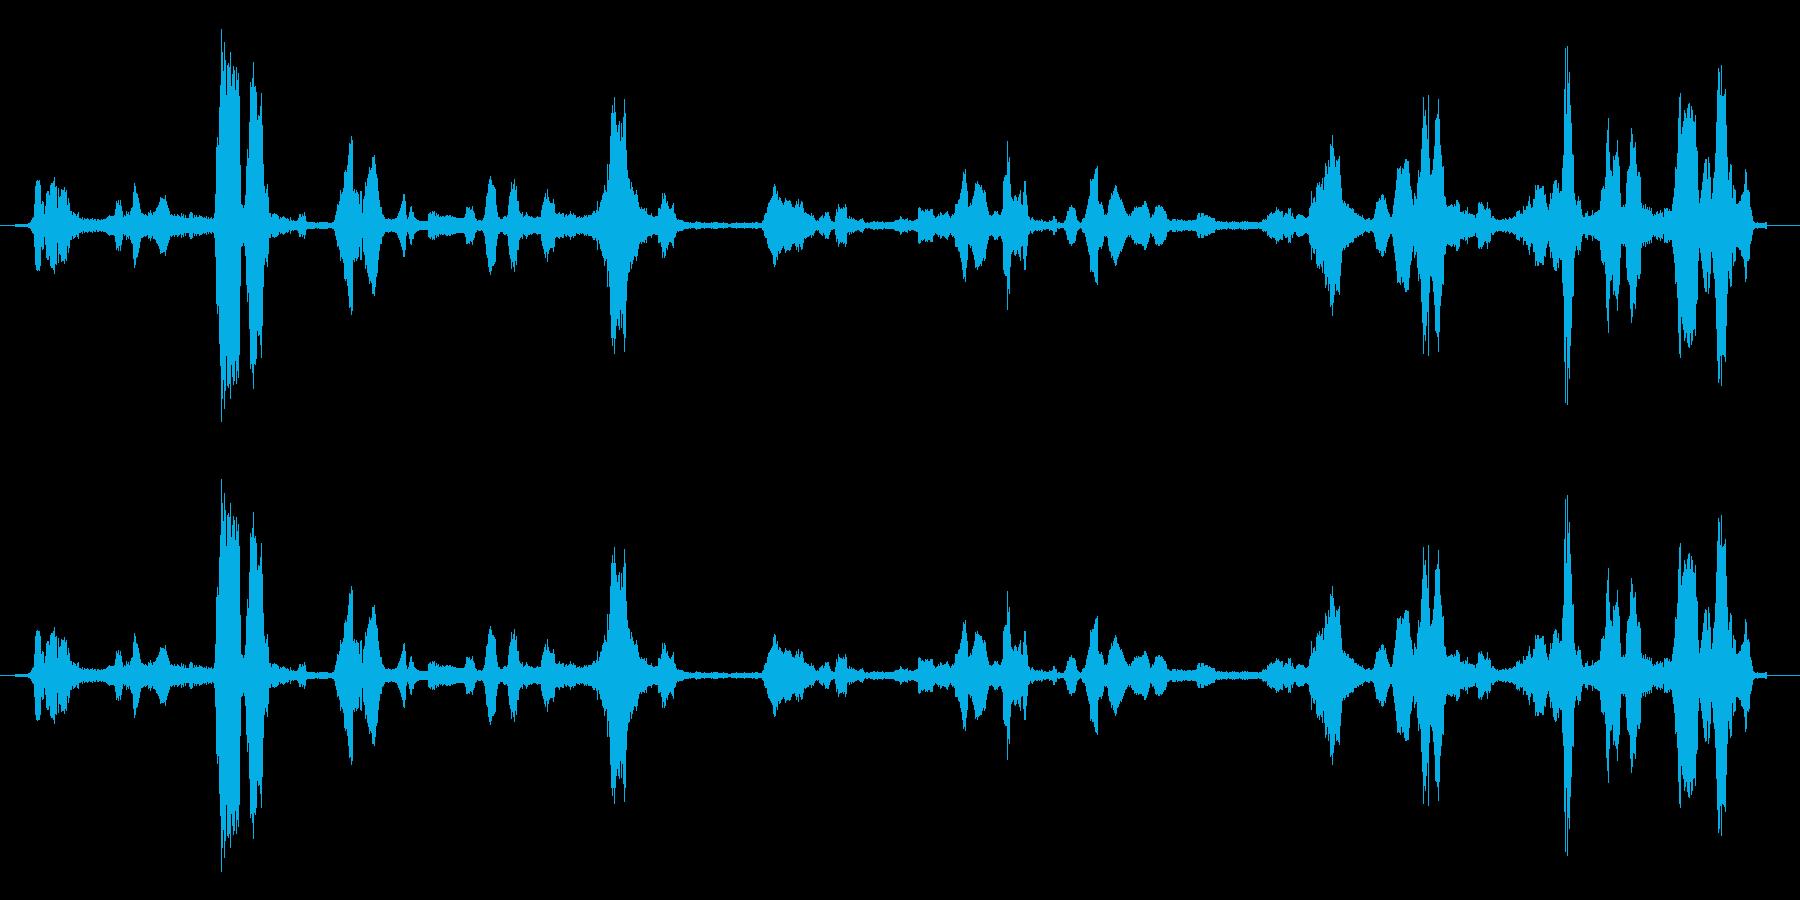 重い無線通信の干渉の再生済みの波形